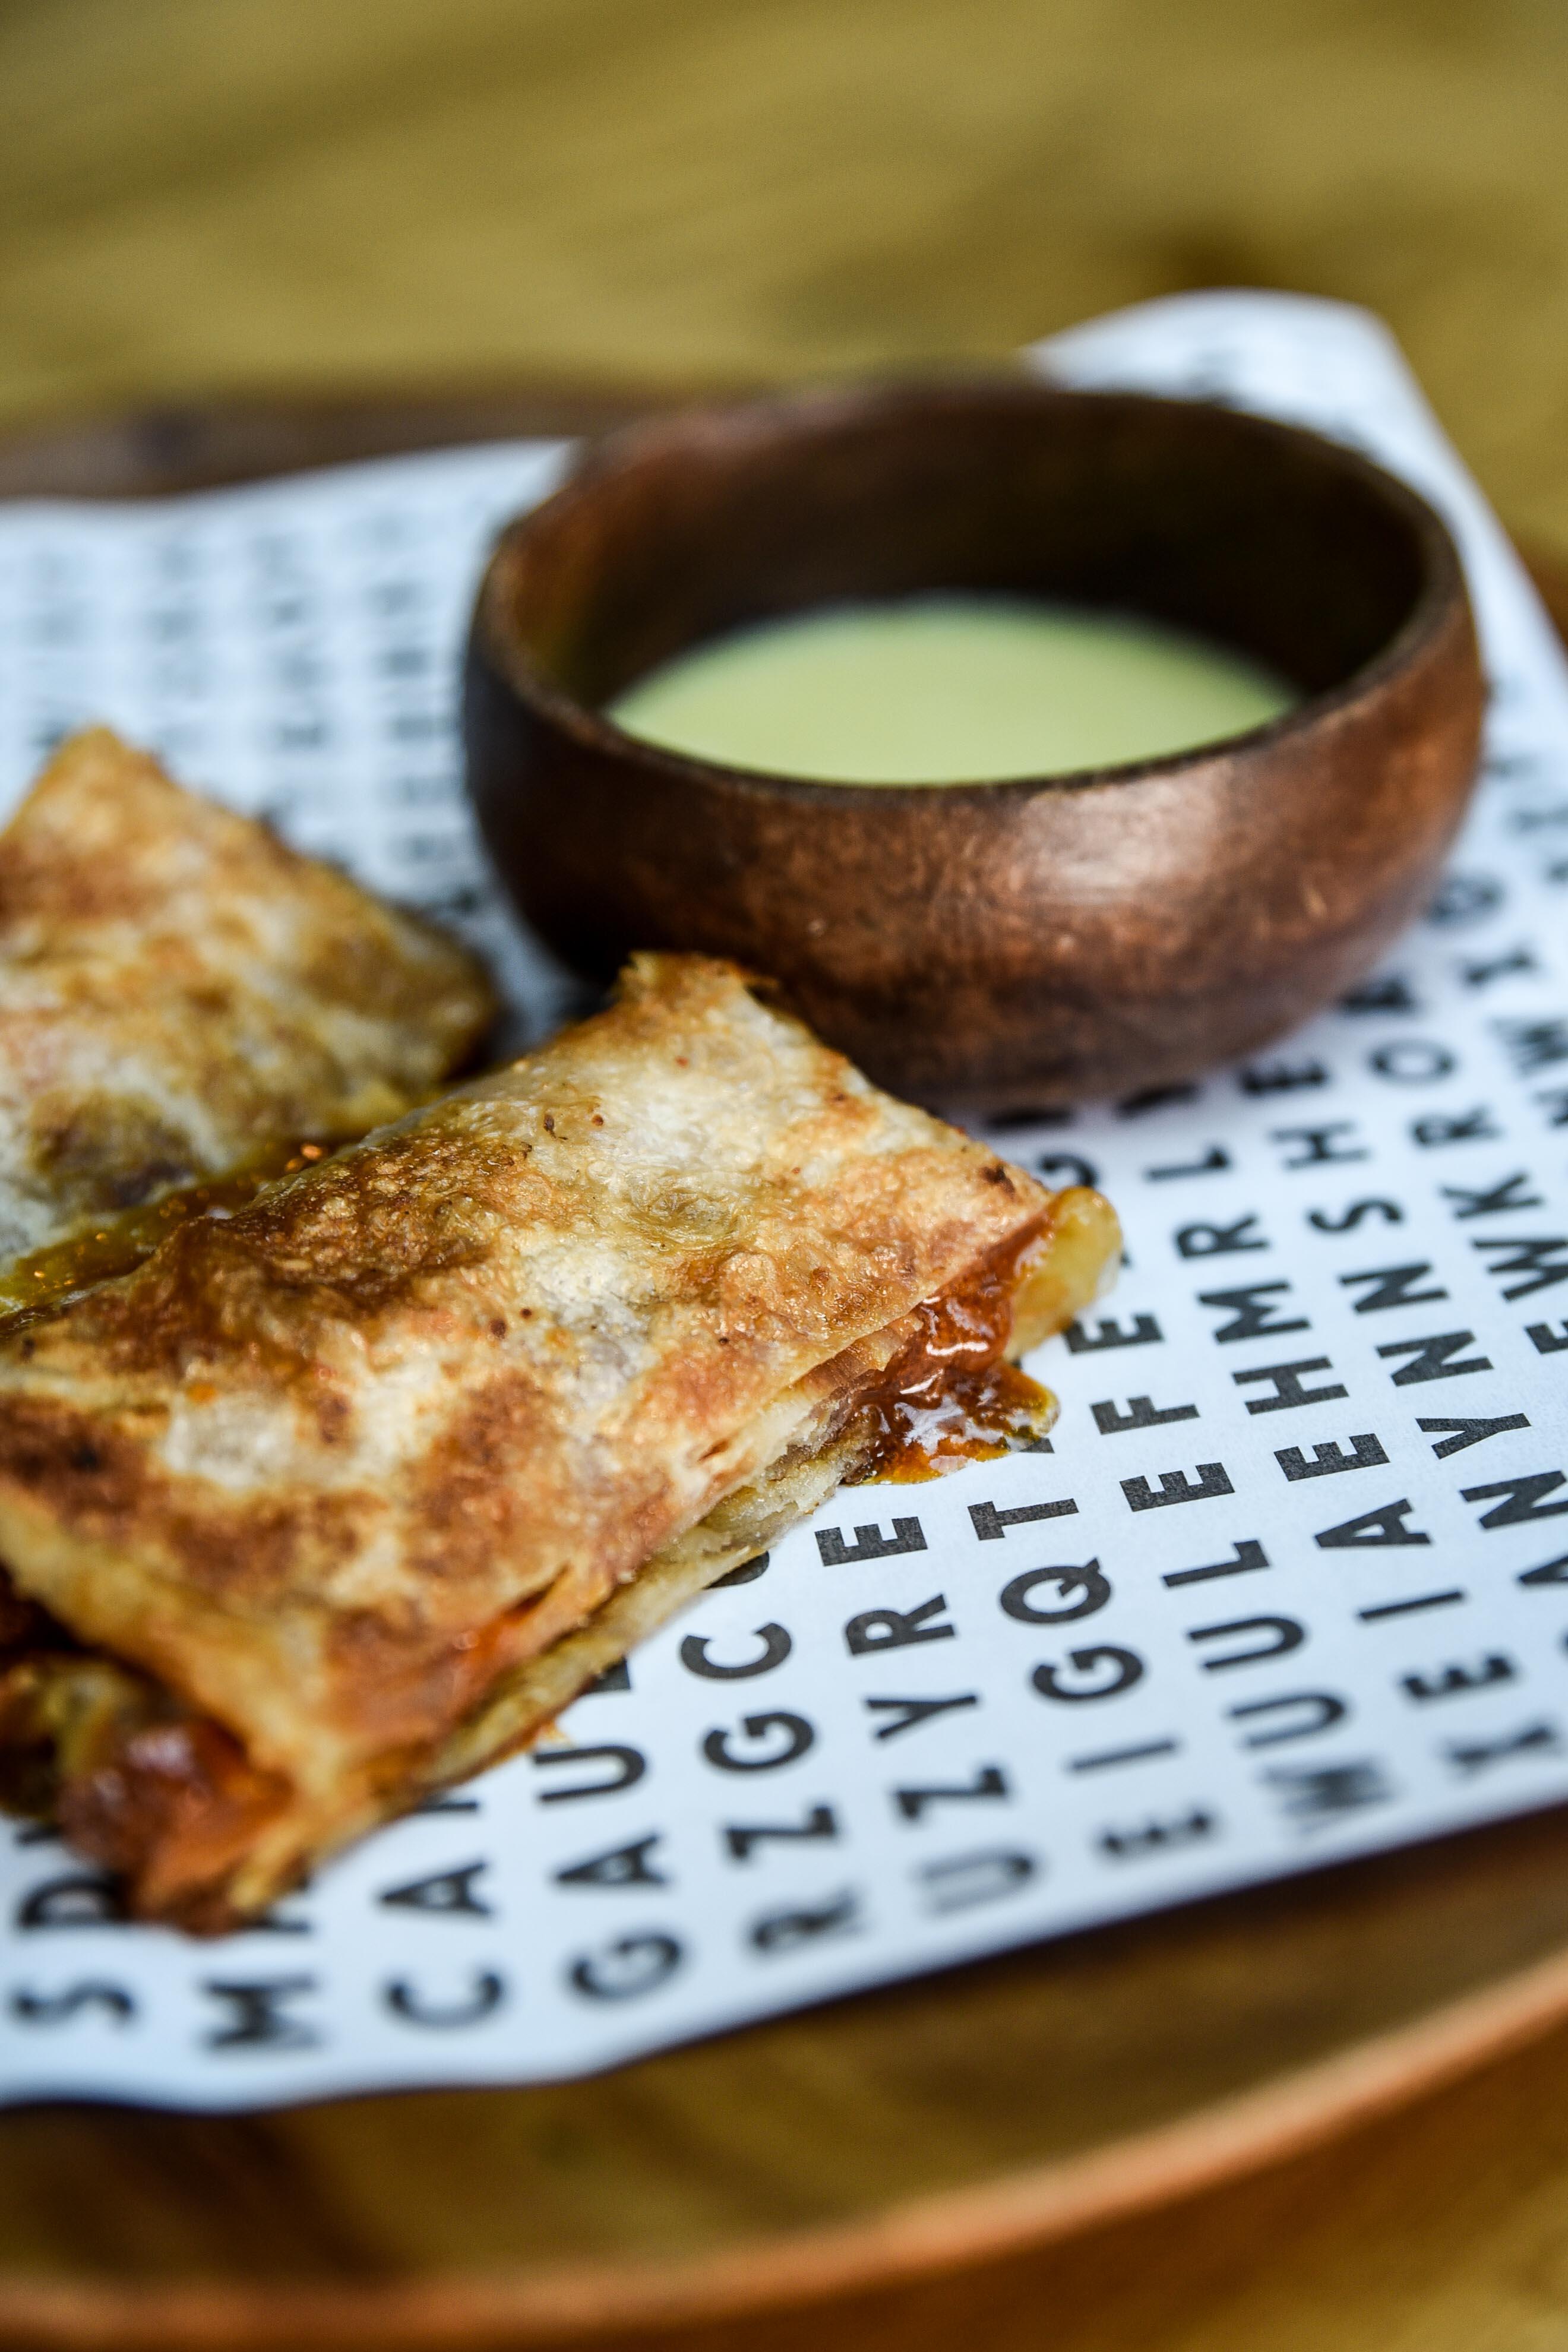 nolisoli eats restaurant anyany hole in the wall